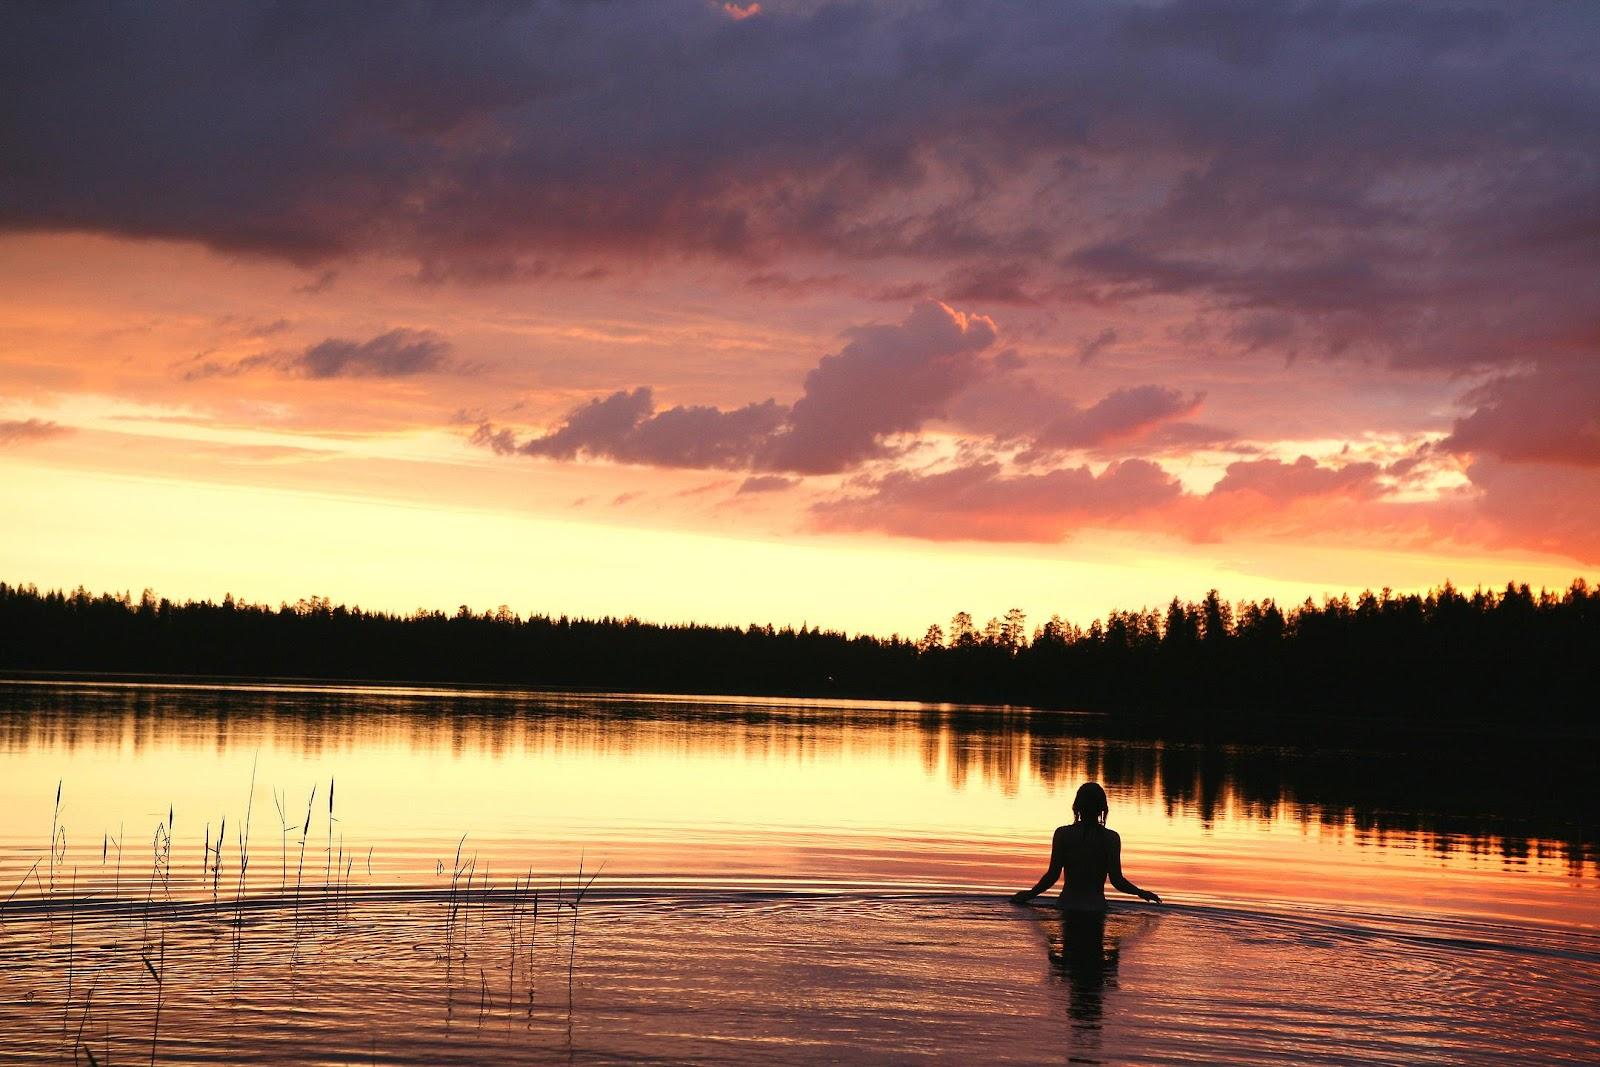 Immagine che contiene acqua, esterni, tramonto, fiume  Descrizione generata automaticamente